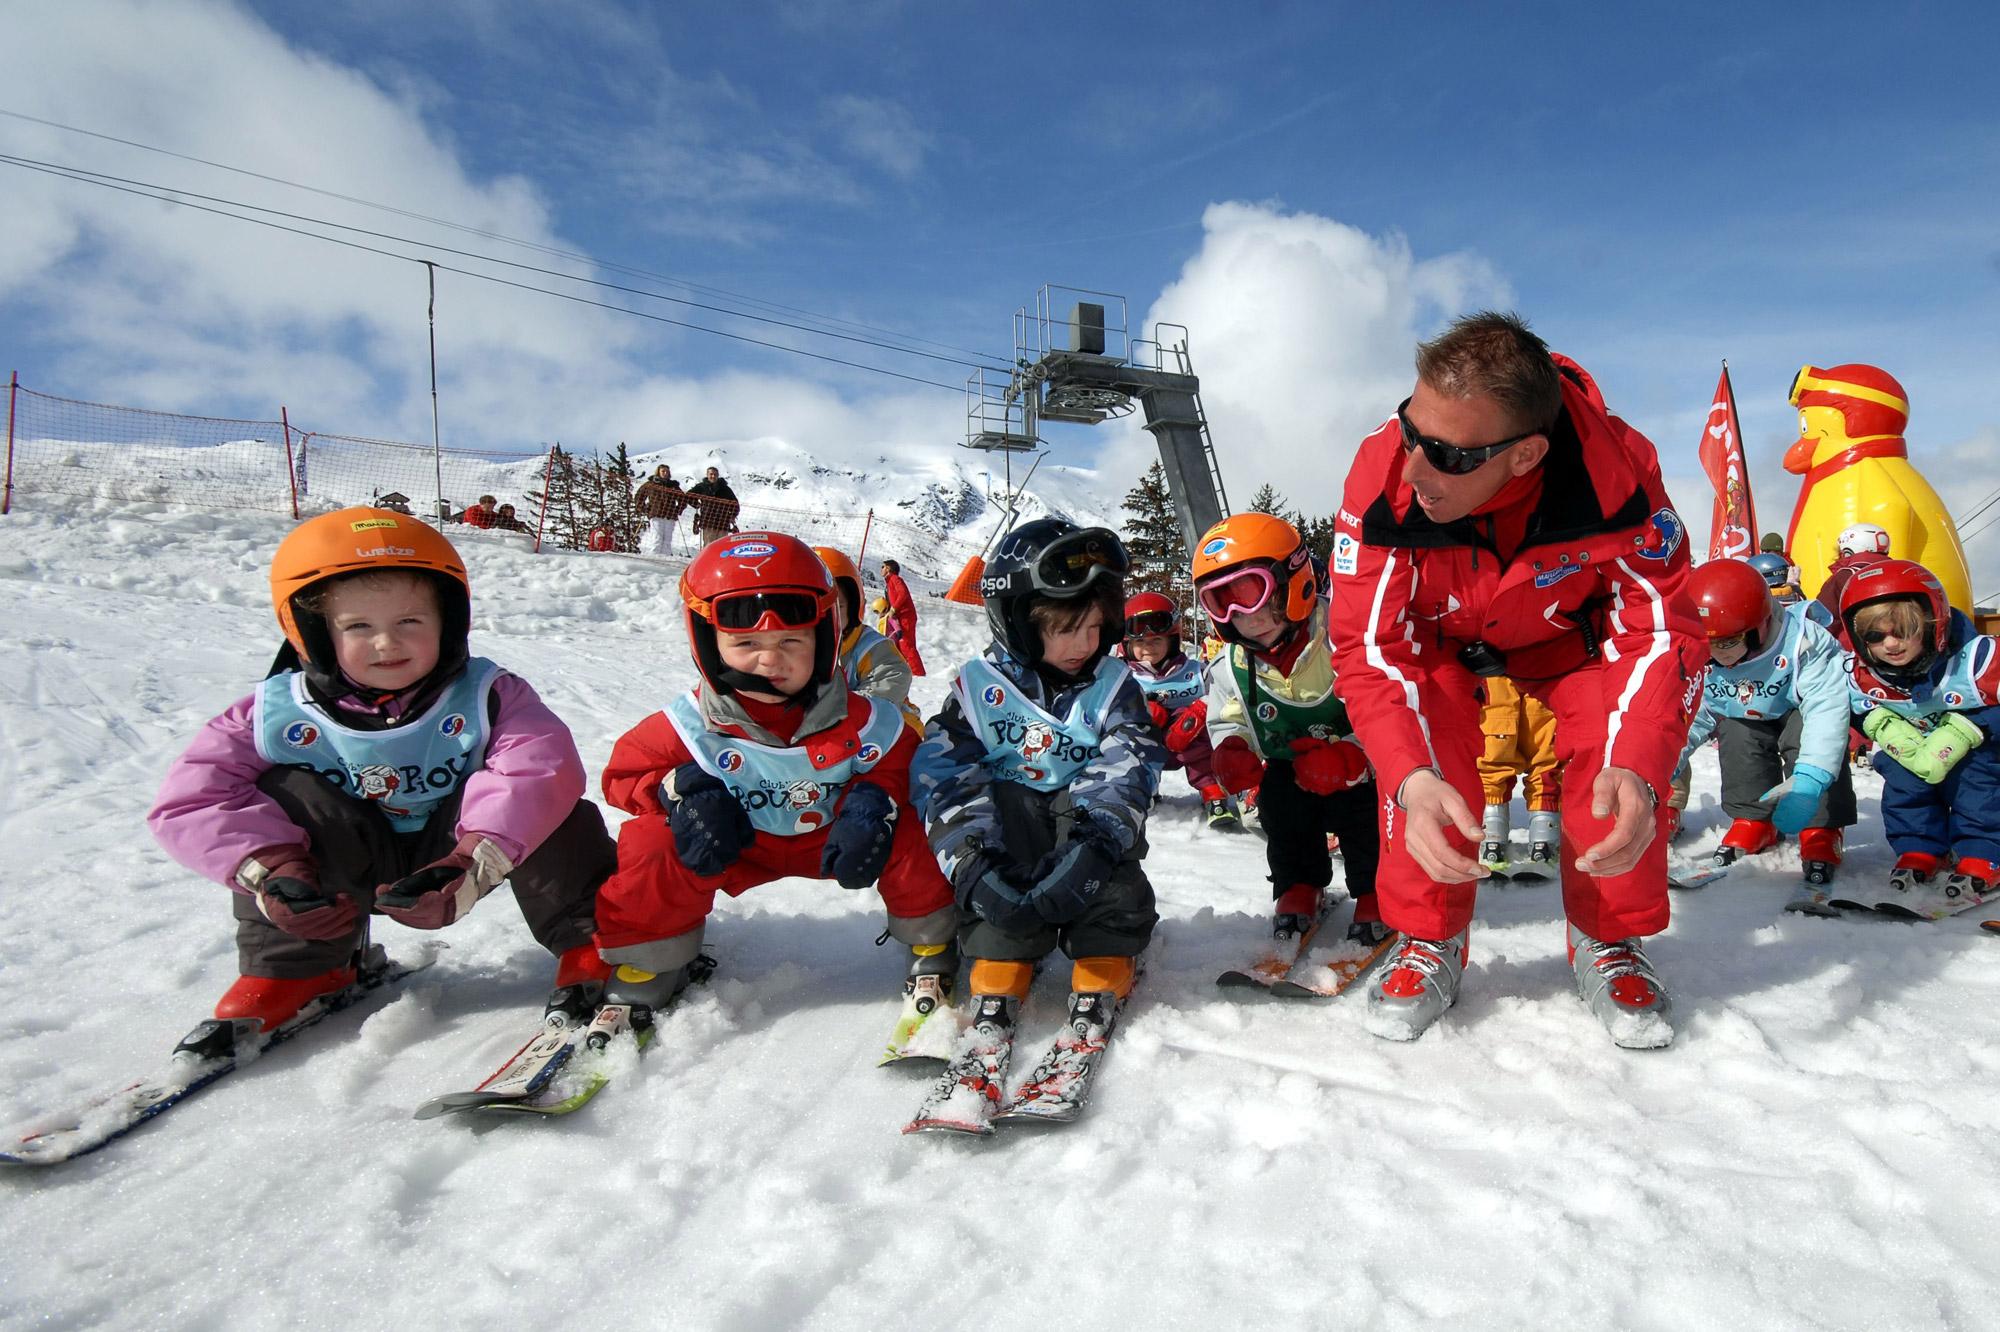 ВКарелии построят горнолыжный комплекс